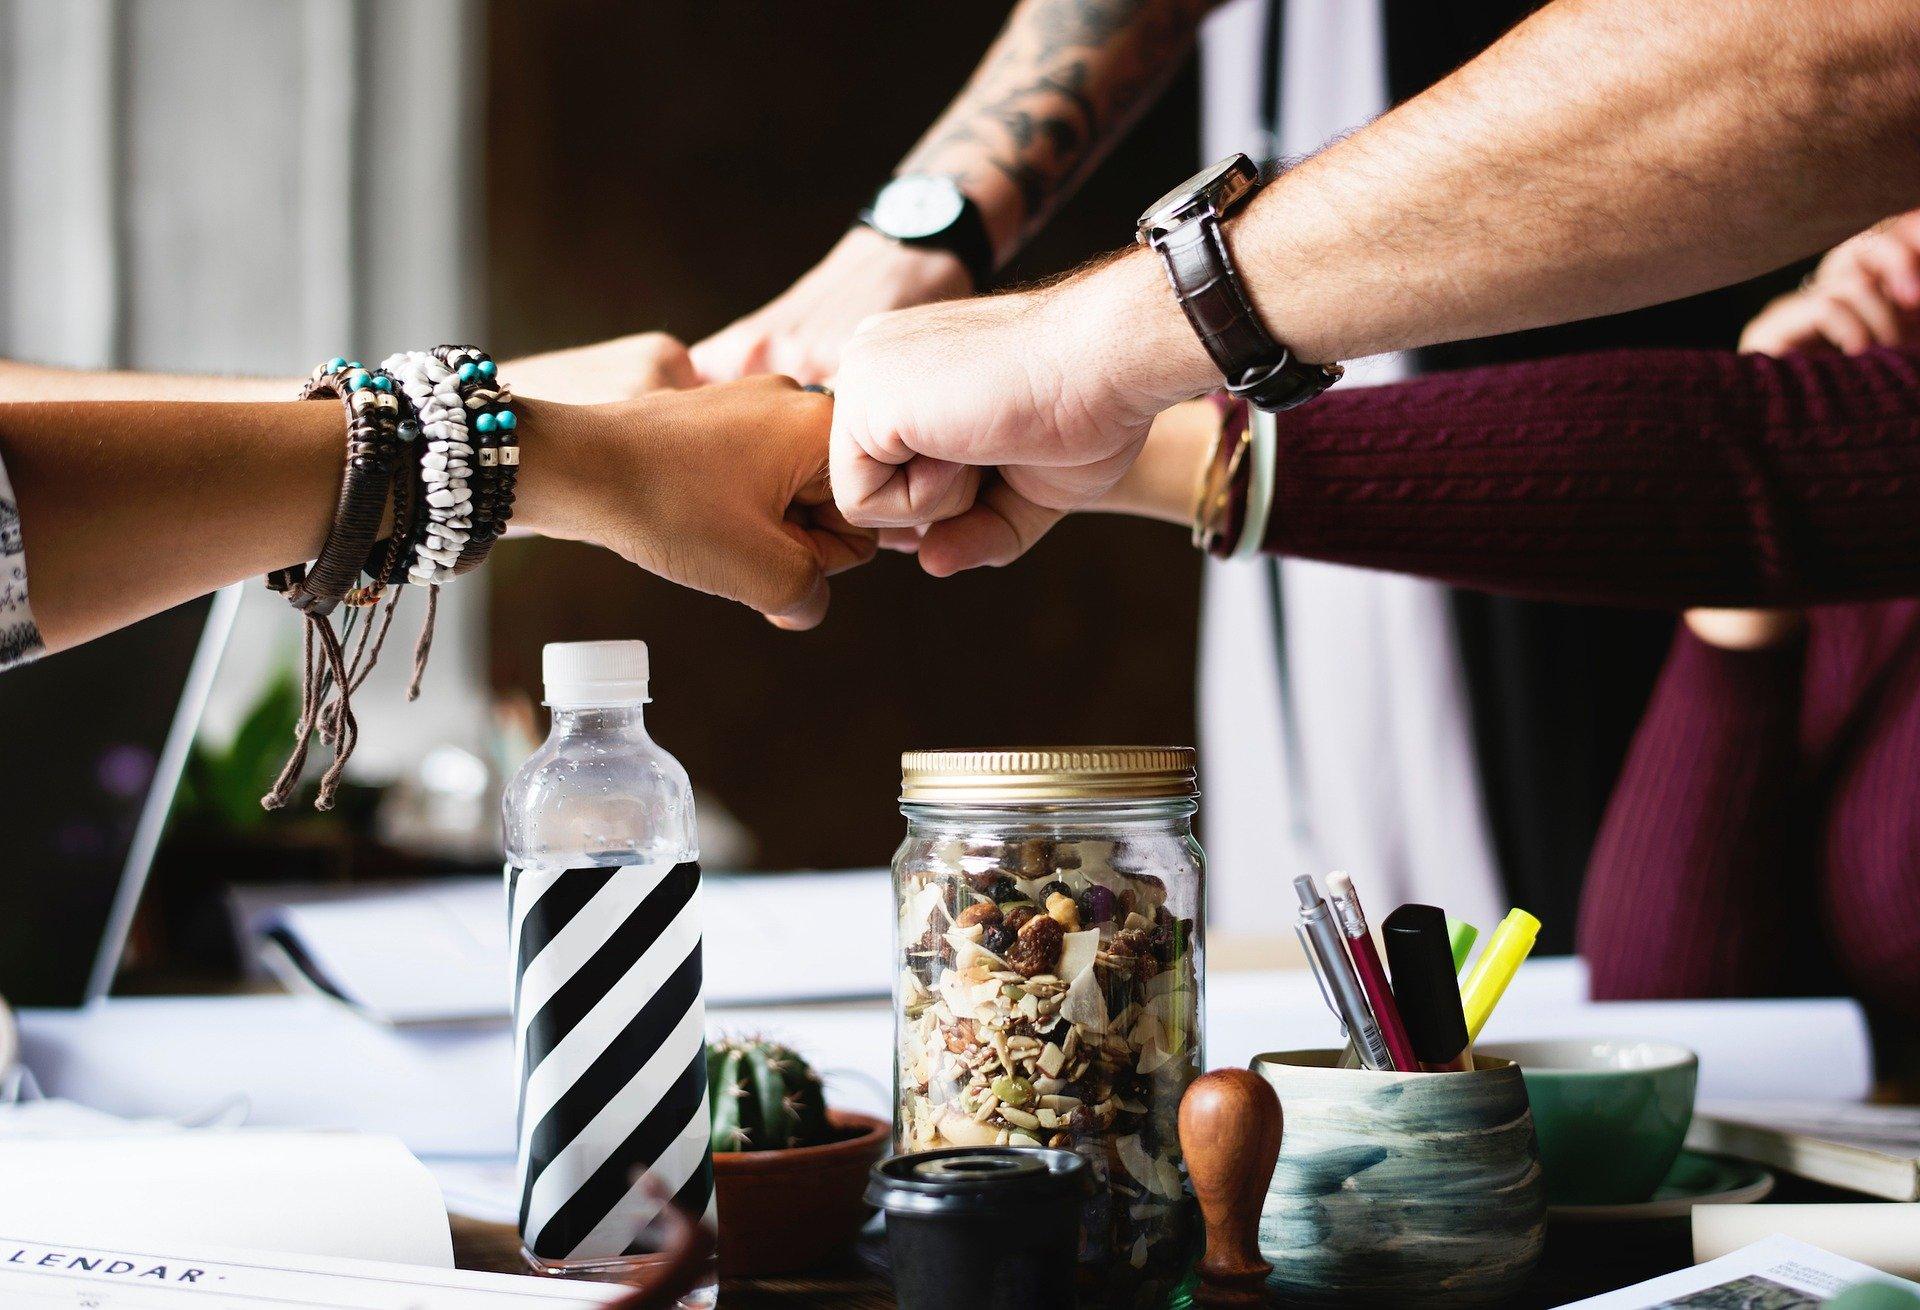 Foto de várias mãos de pessoas diferentes se tocando, em cima de uma mesa com papeis, garrafas, potes com canetas. Imagem ilustrativa para texto seguro vida em grupo.